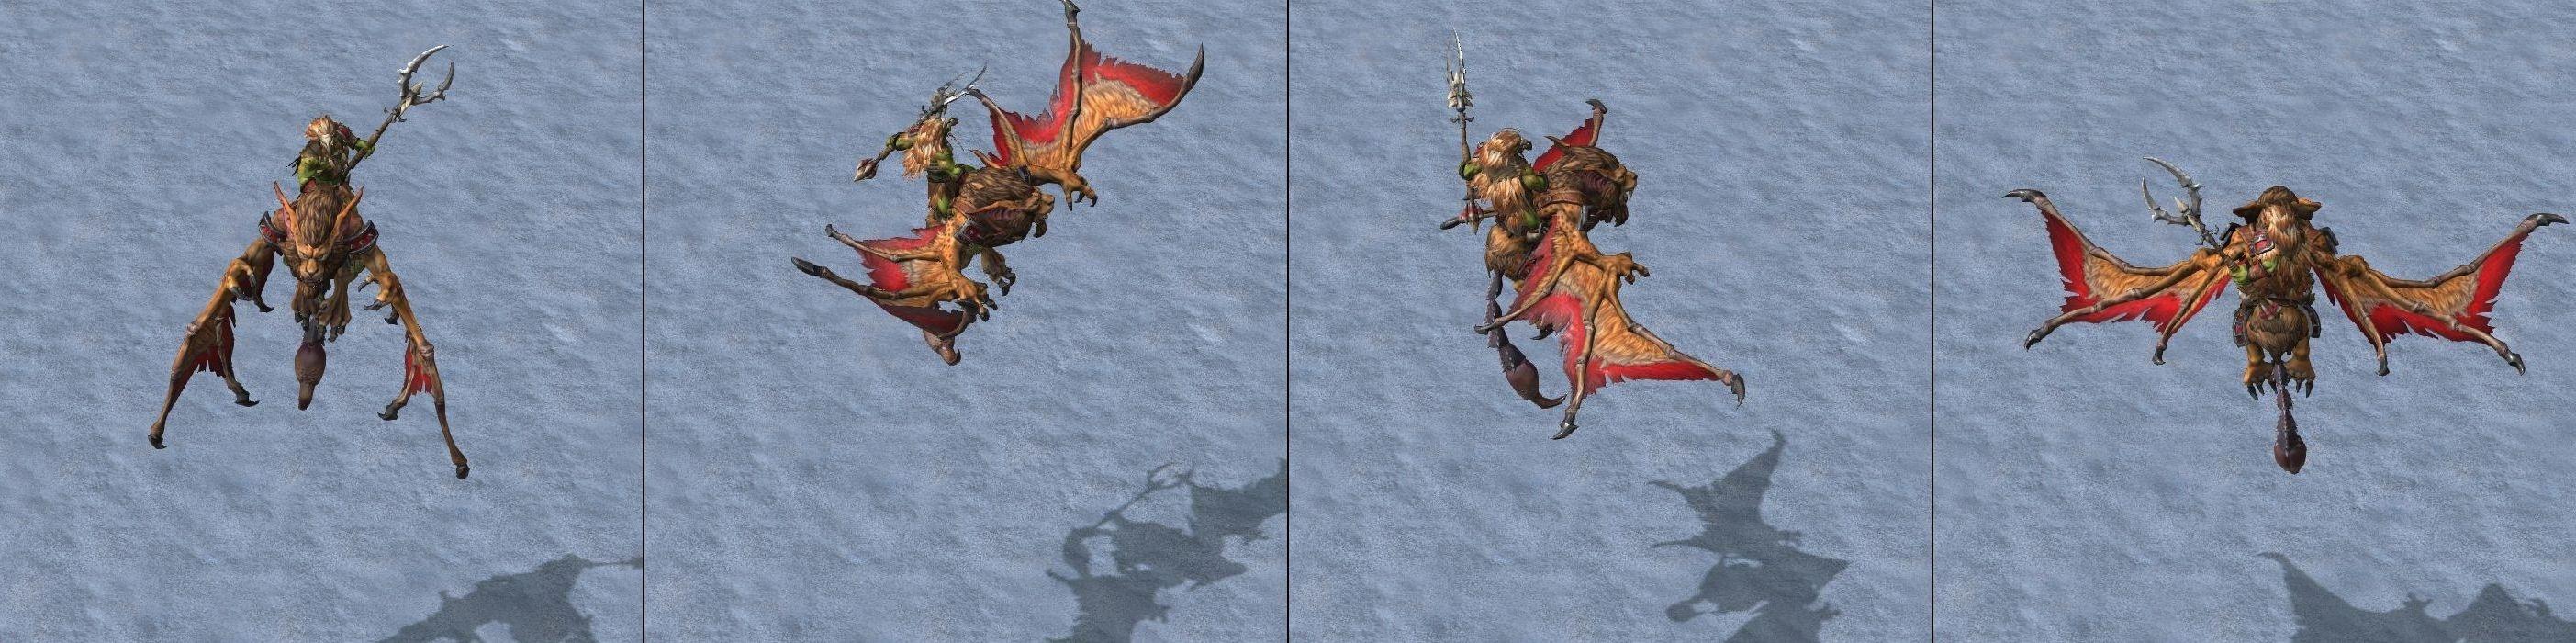 Warcraft III Reforged : Wind Rider